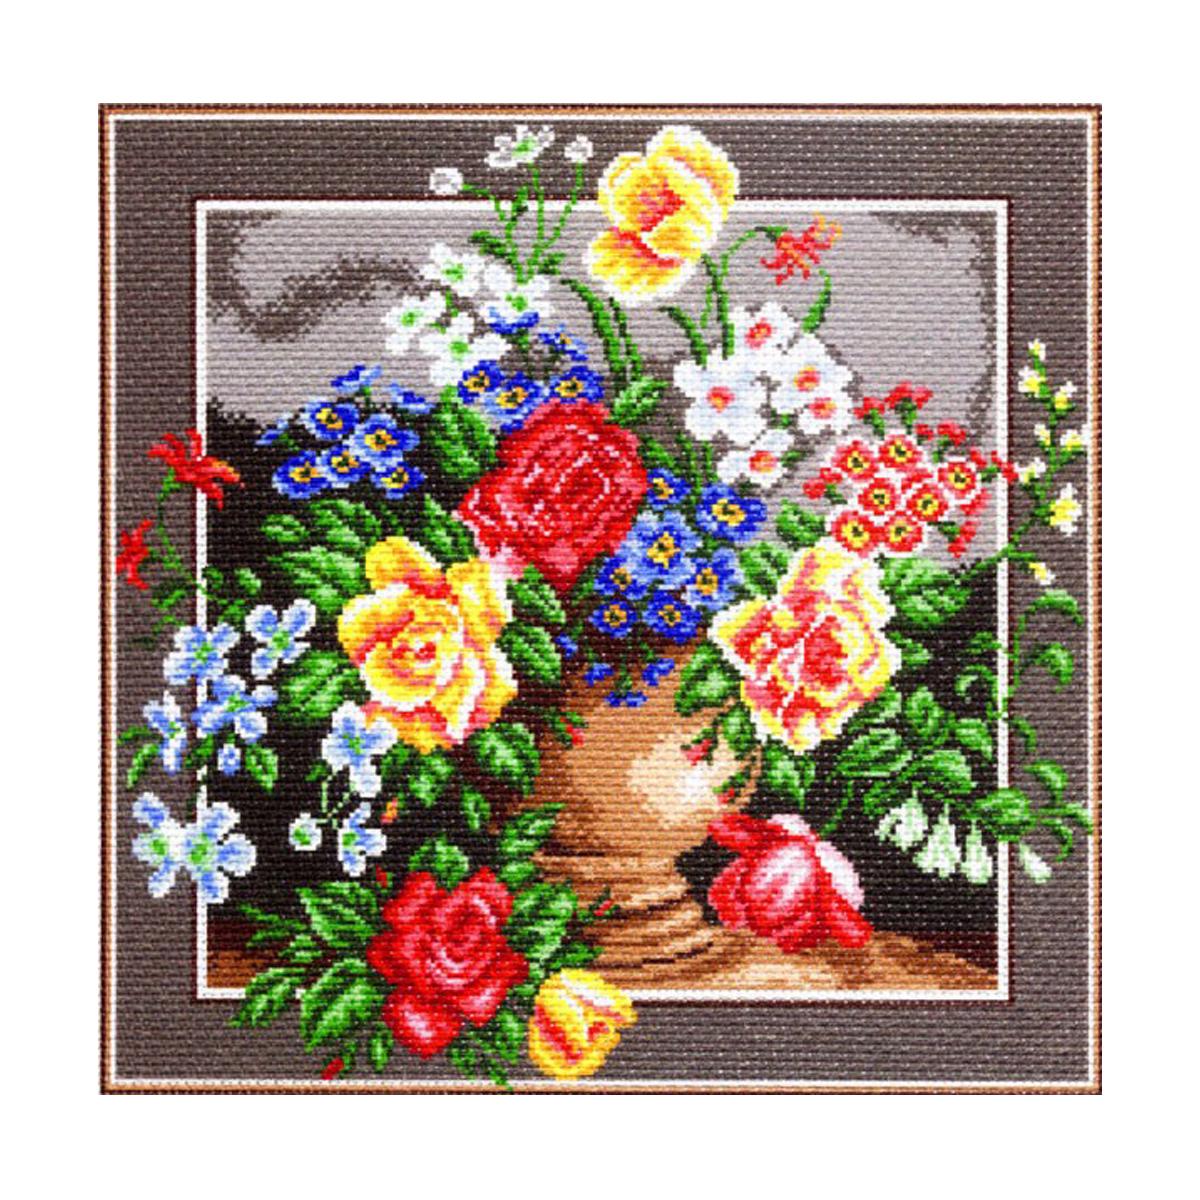 Канва с рисунком Матренин Посад Цветное изобилие, 41 см х 41 см. 1271551149Размер: 41x41 см Рисунок полностью напечатан на канве. Указана цветовая карта ниток. Вышивать рекомендуется мулине в 3 сложения.